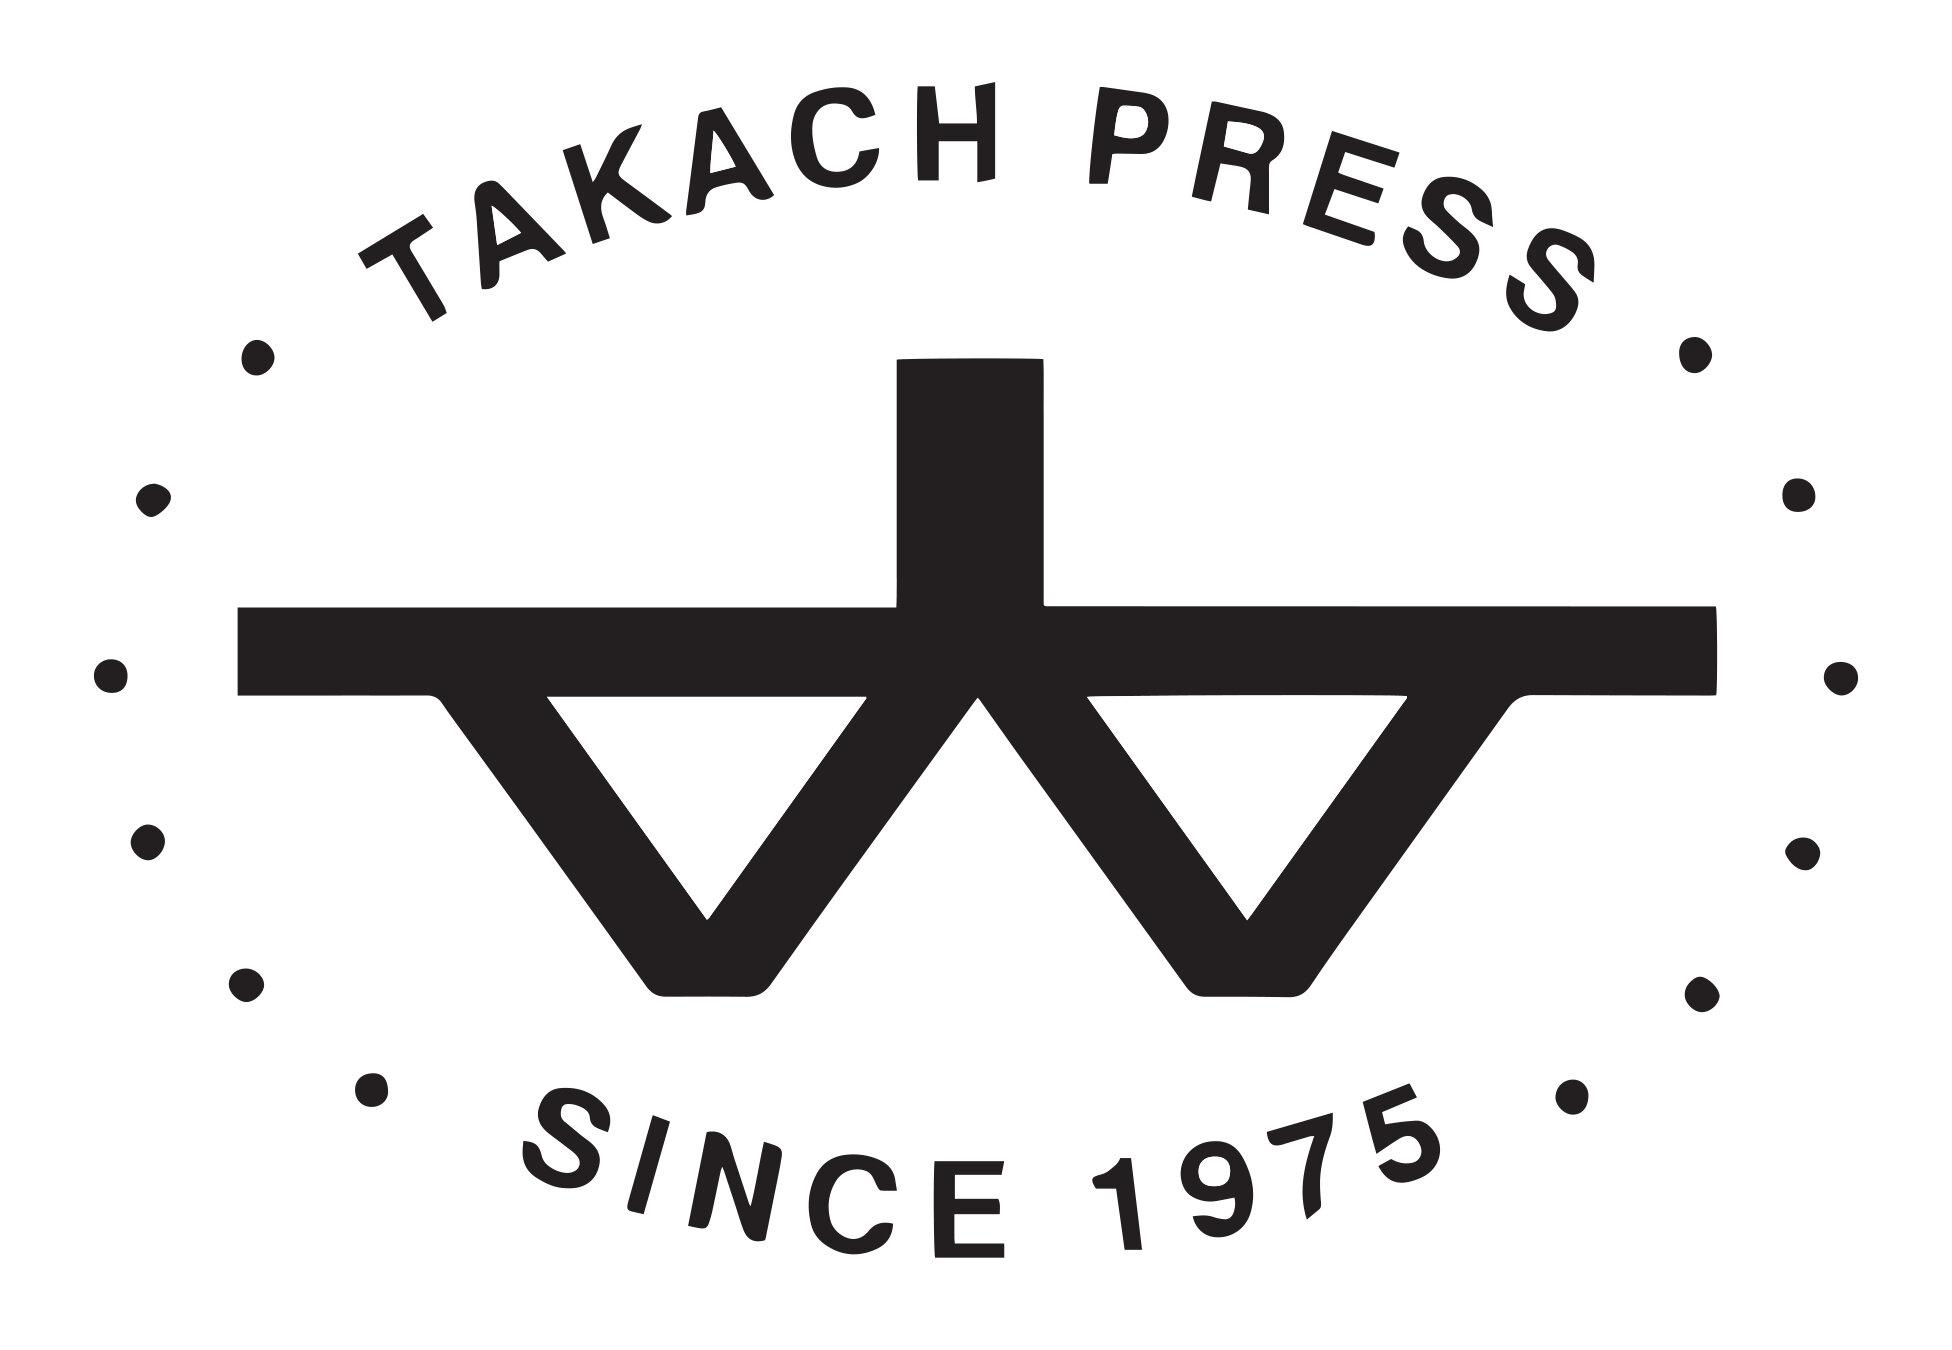 takach_stickernew.jpg